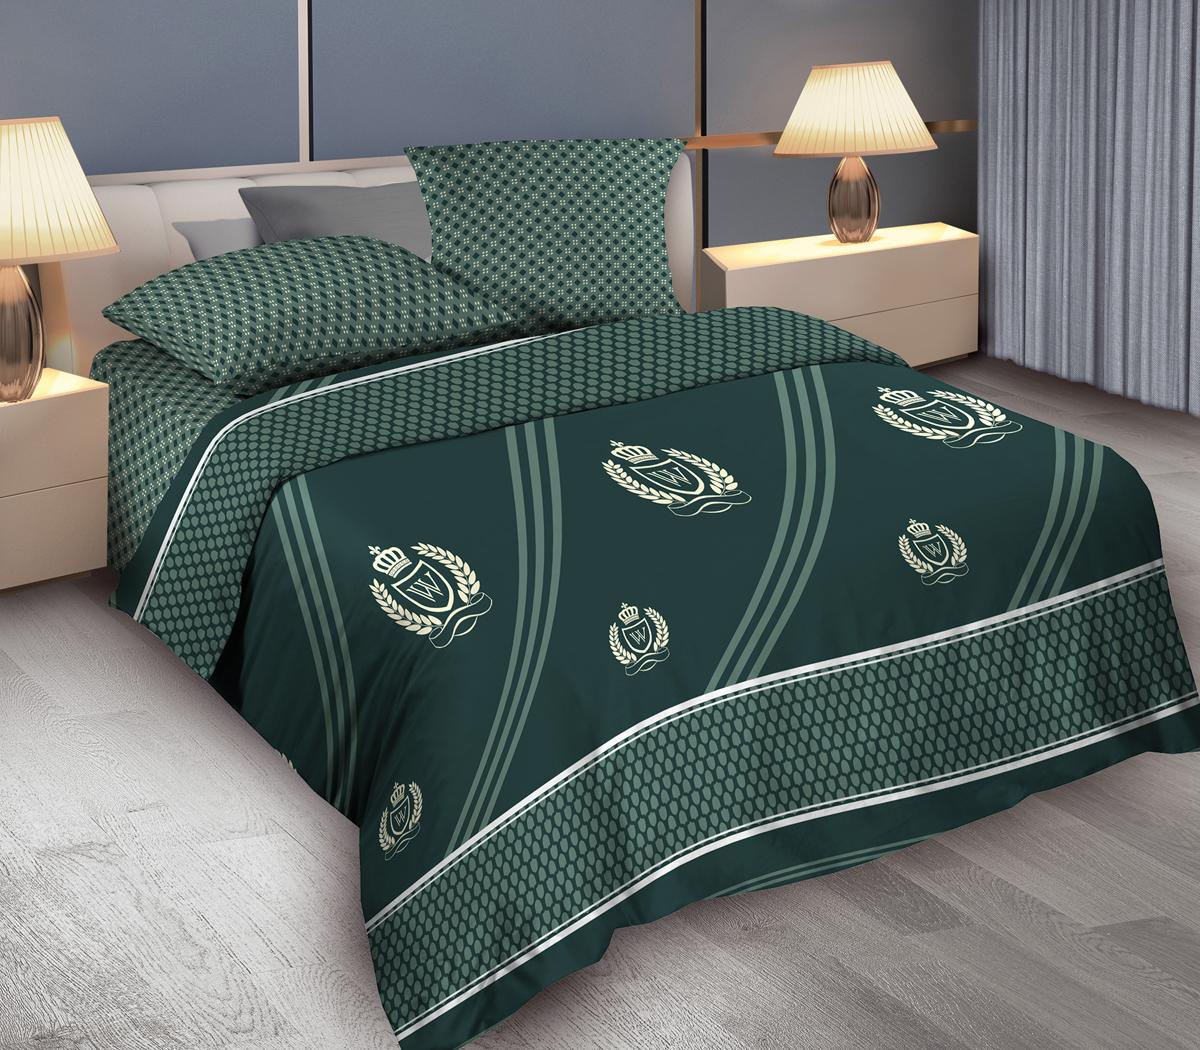 Комплект белья Wenge Gallant, 2-спальный, наволочки 70x70, цвет: зеленый364978Комплект постельного белья Wenge является экологически безопасным. Материал - бязь. Комплект состоит из пододеяльника, простыни и двух наволочек. Постельное белье оформлено красиво и имеет изысканный внешний вид. Постельное белье Wenge - лучший выбор для современной хозяйки! Его отличают демократичная цена и отличное качество. Благодаря высокому качеству ткани постельное белье будет радовать вас долгие годы!